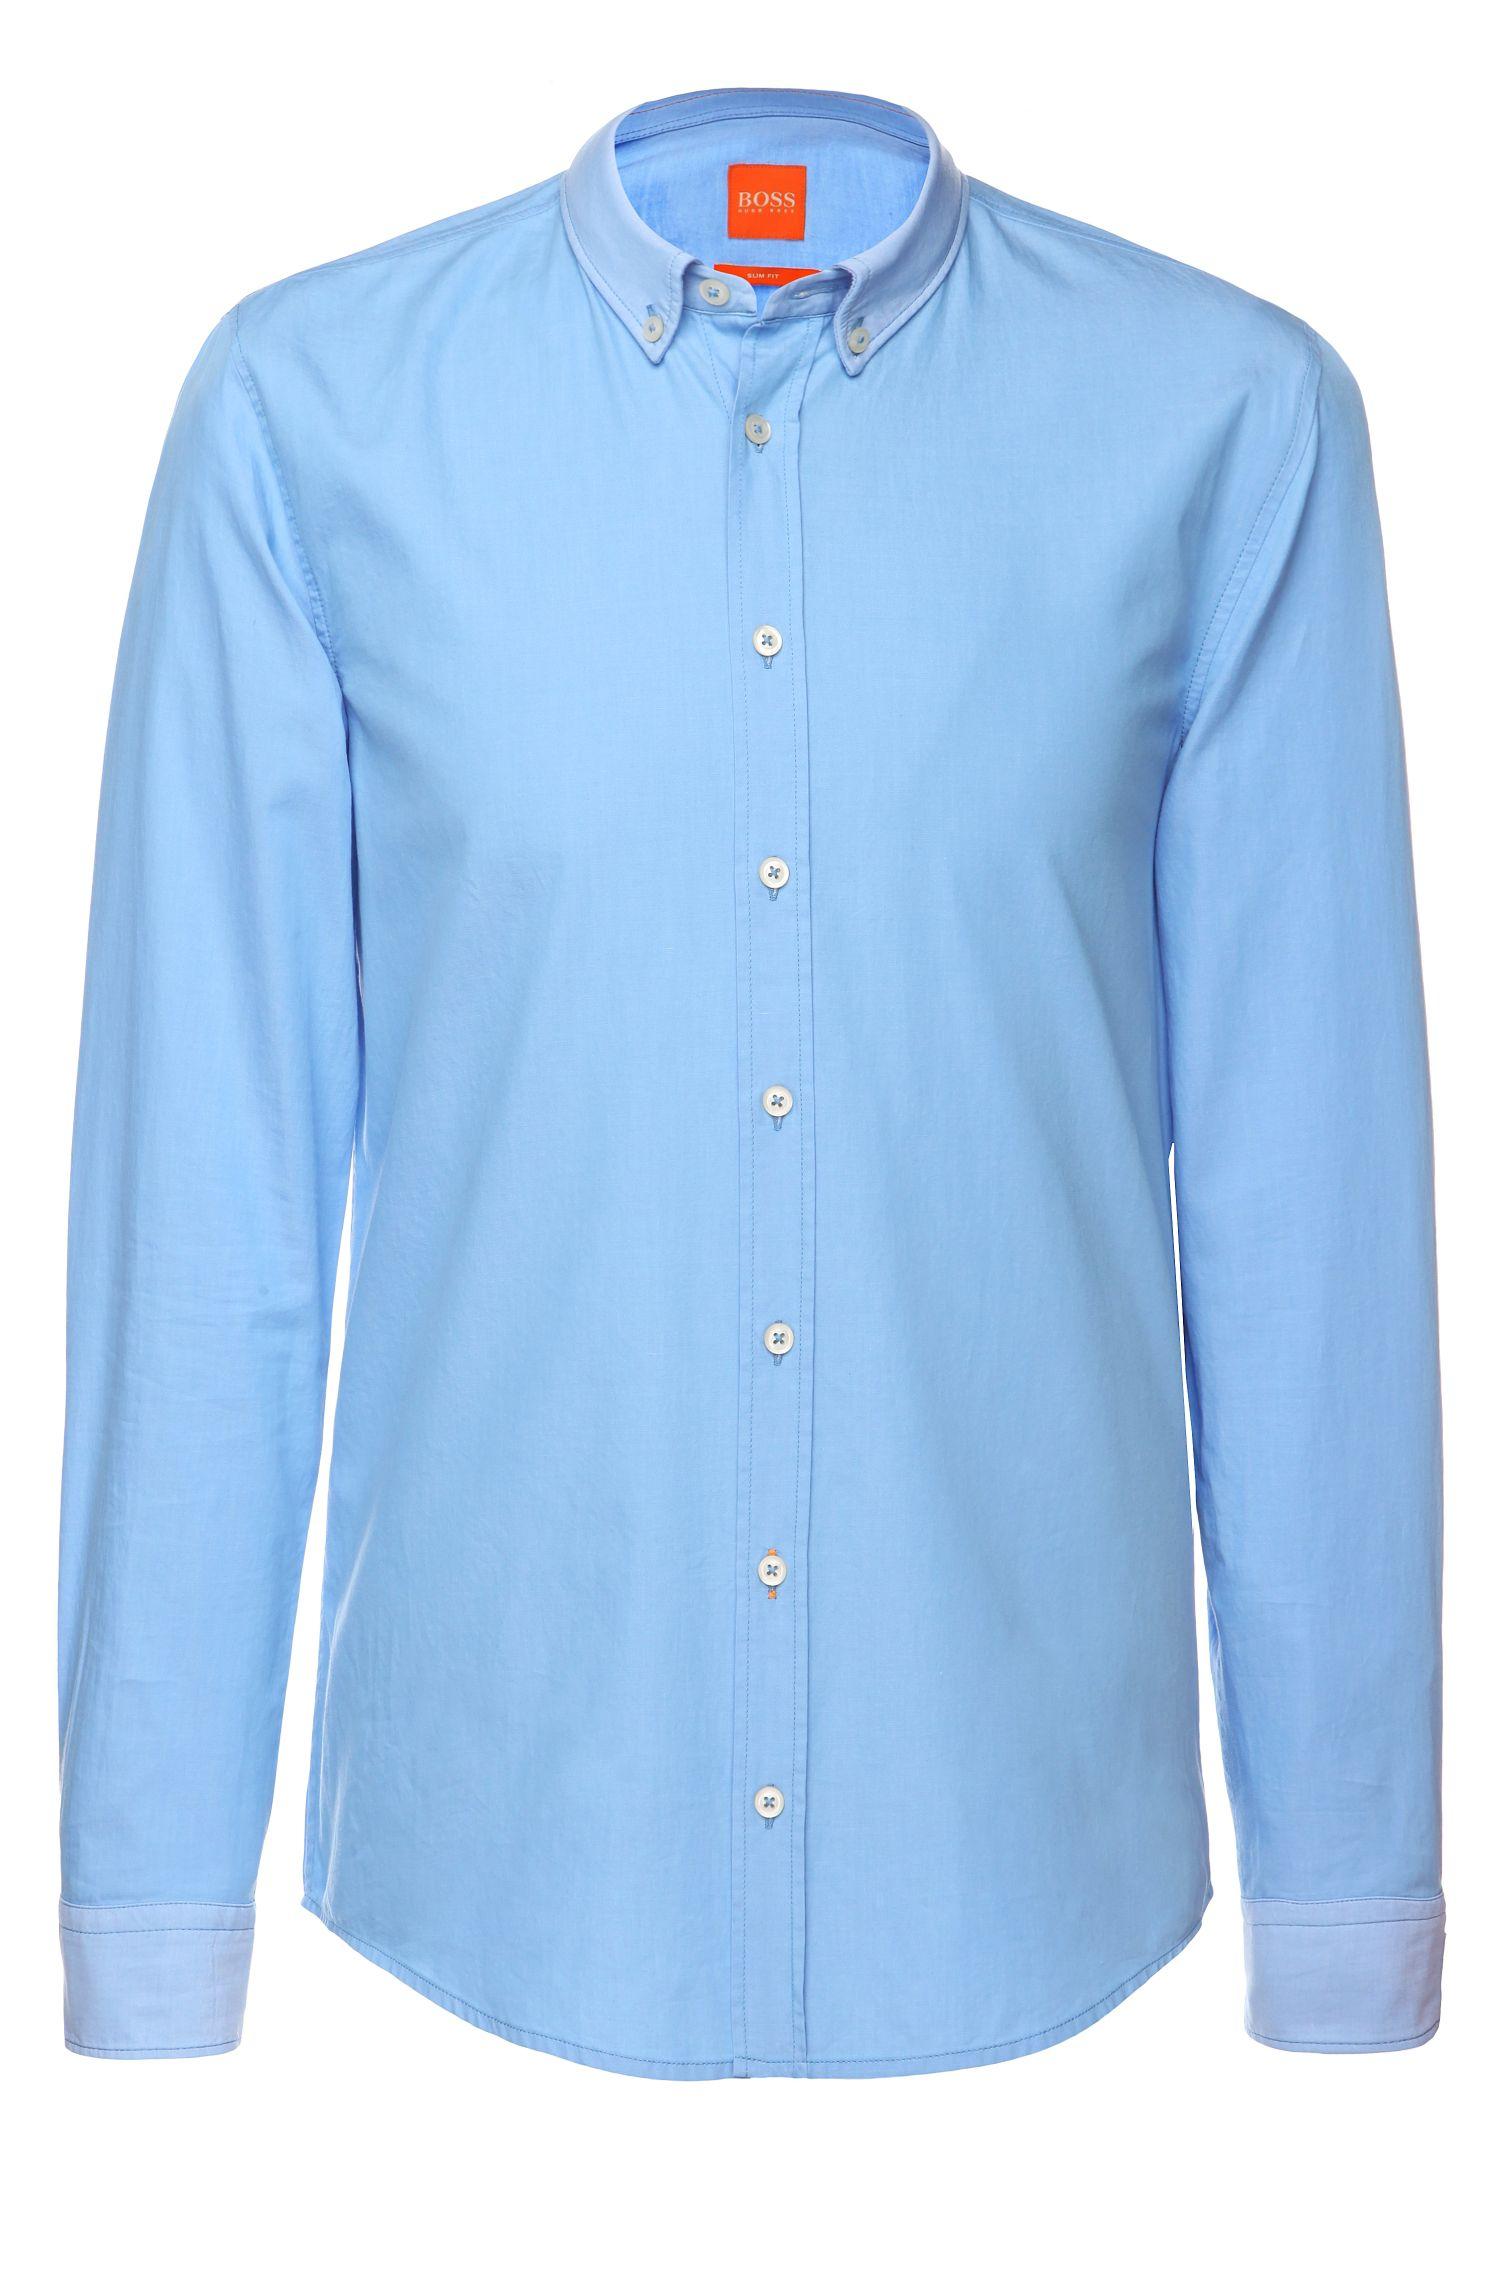 Slim-fit overhemd met contrasterende manchetten en kraag van BOSS Orange, Donkerblauw